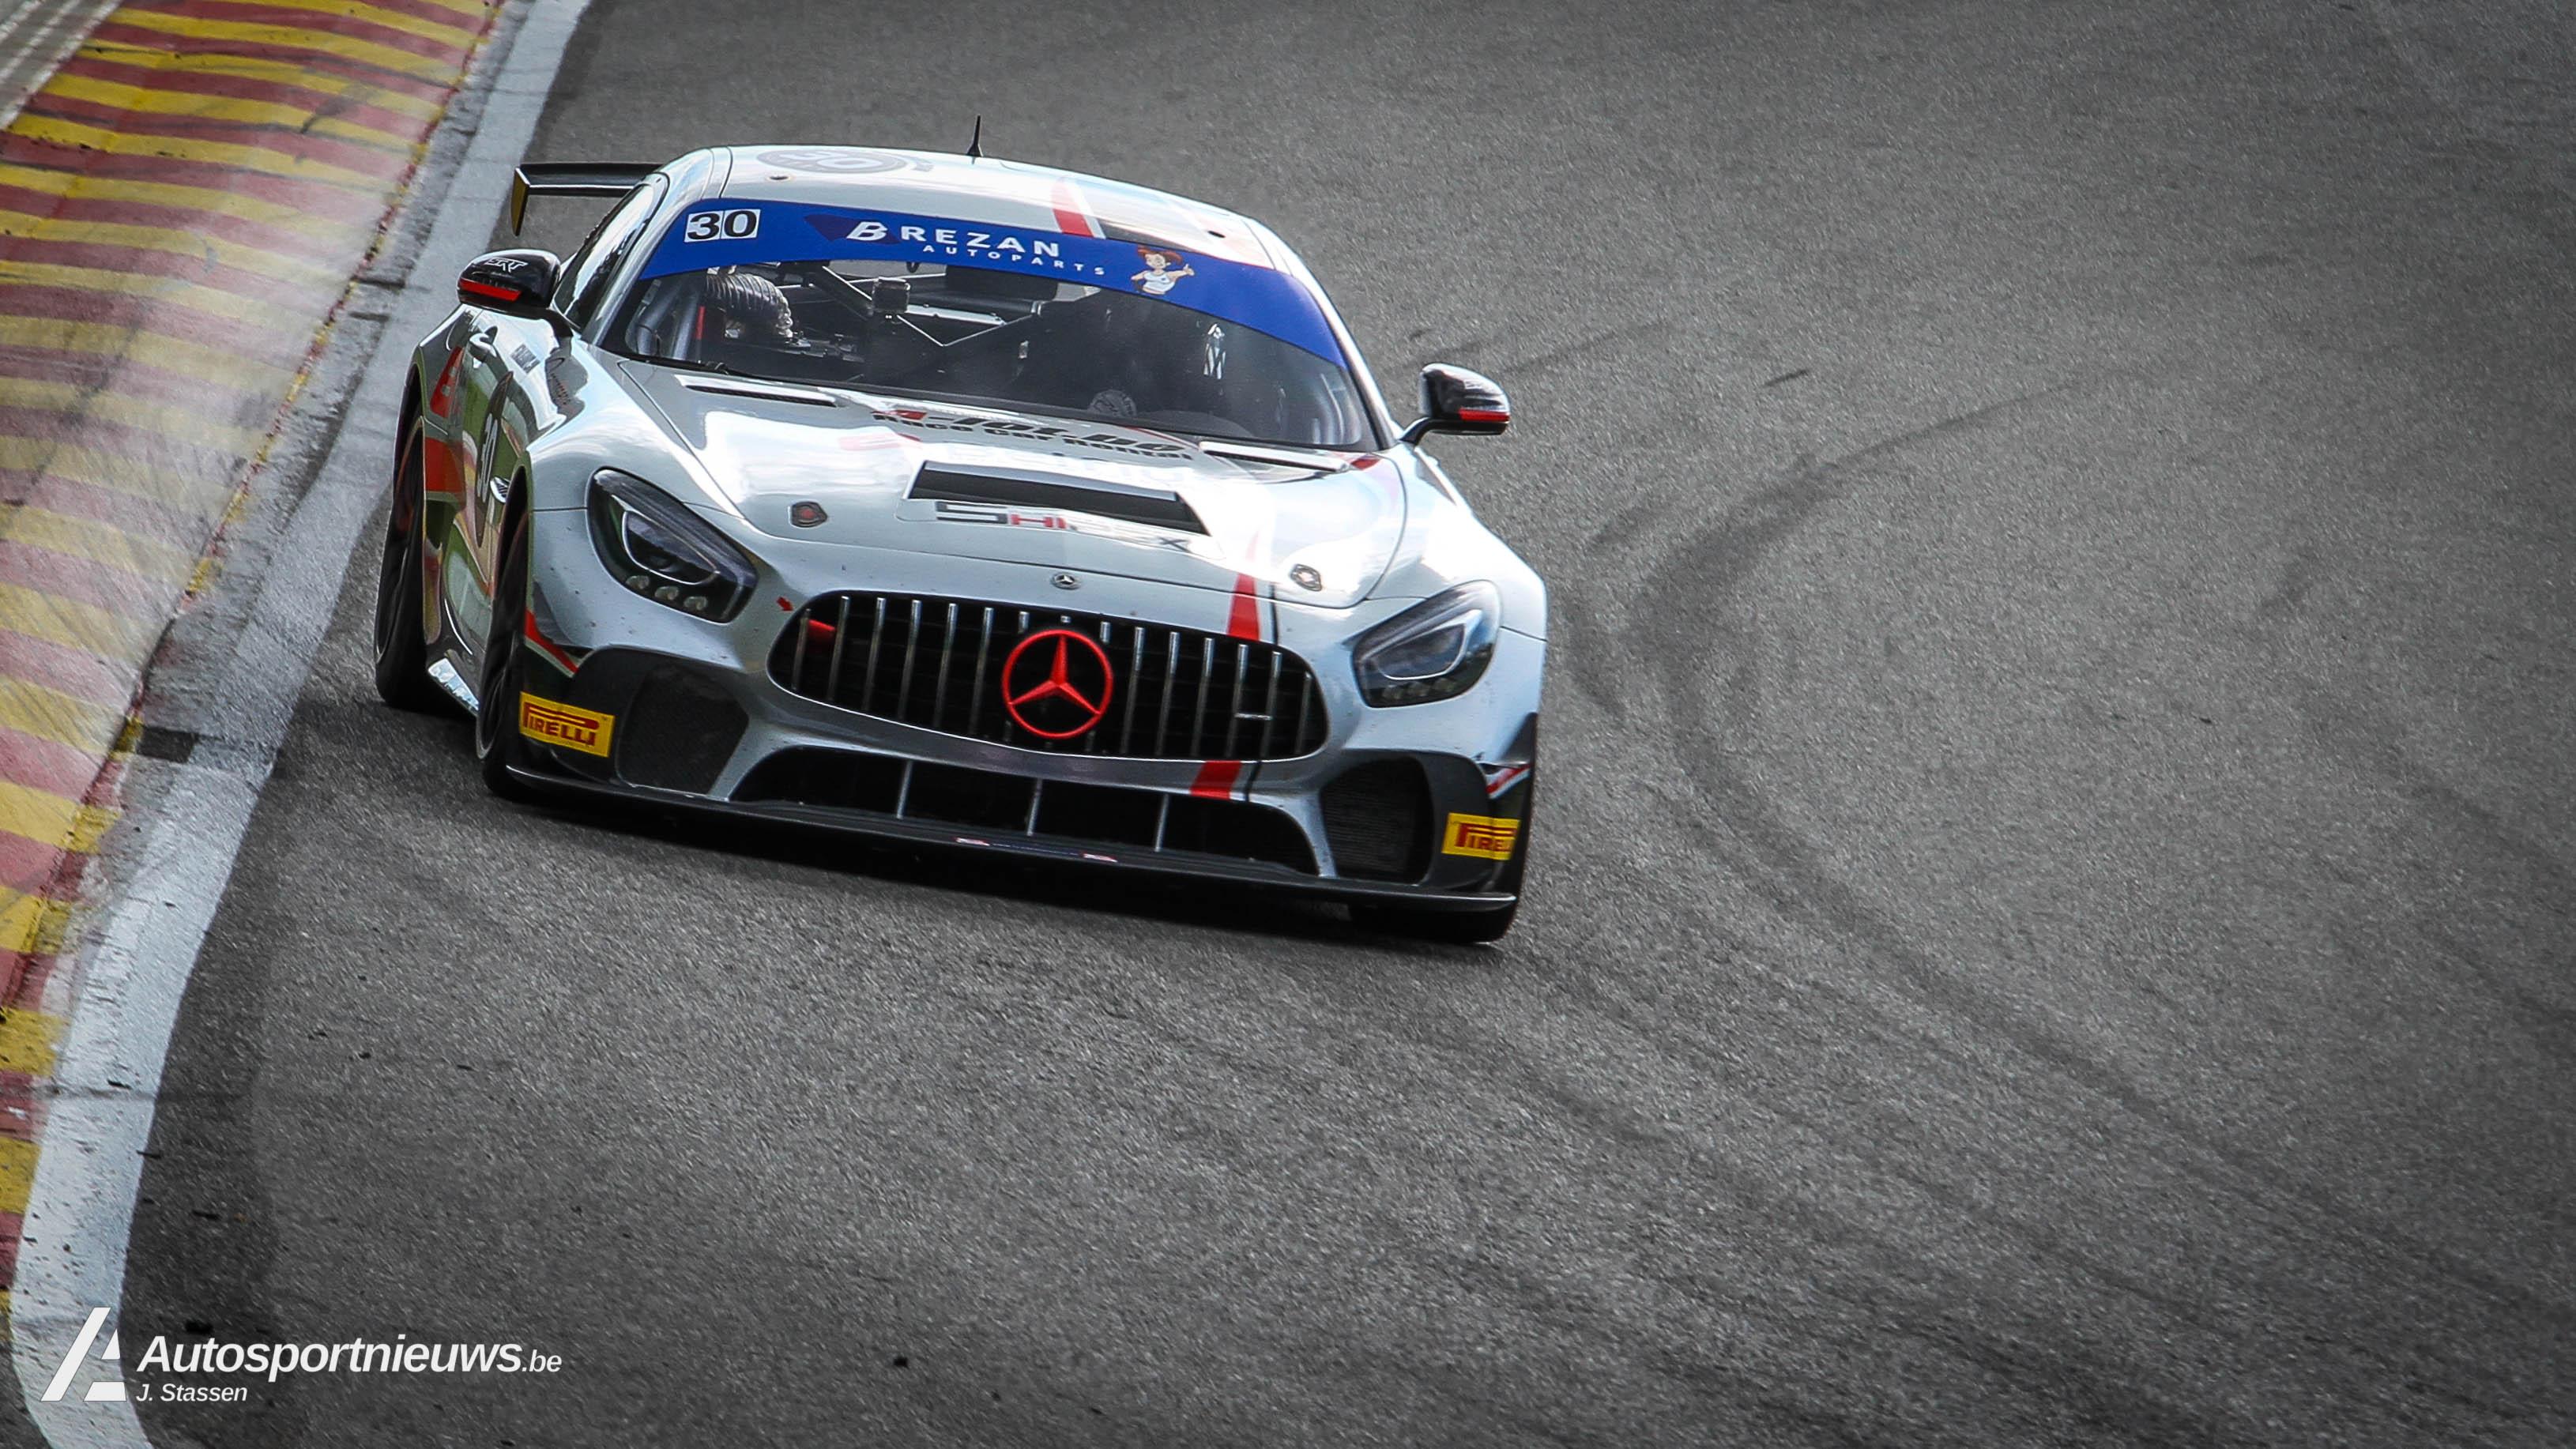 Frustrerend weekend voor Nicolas Vandierendonck en Thems Racing